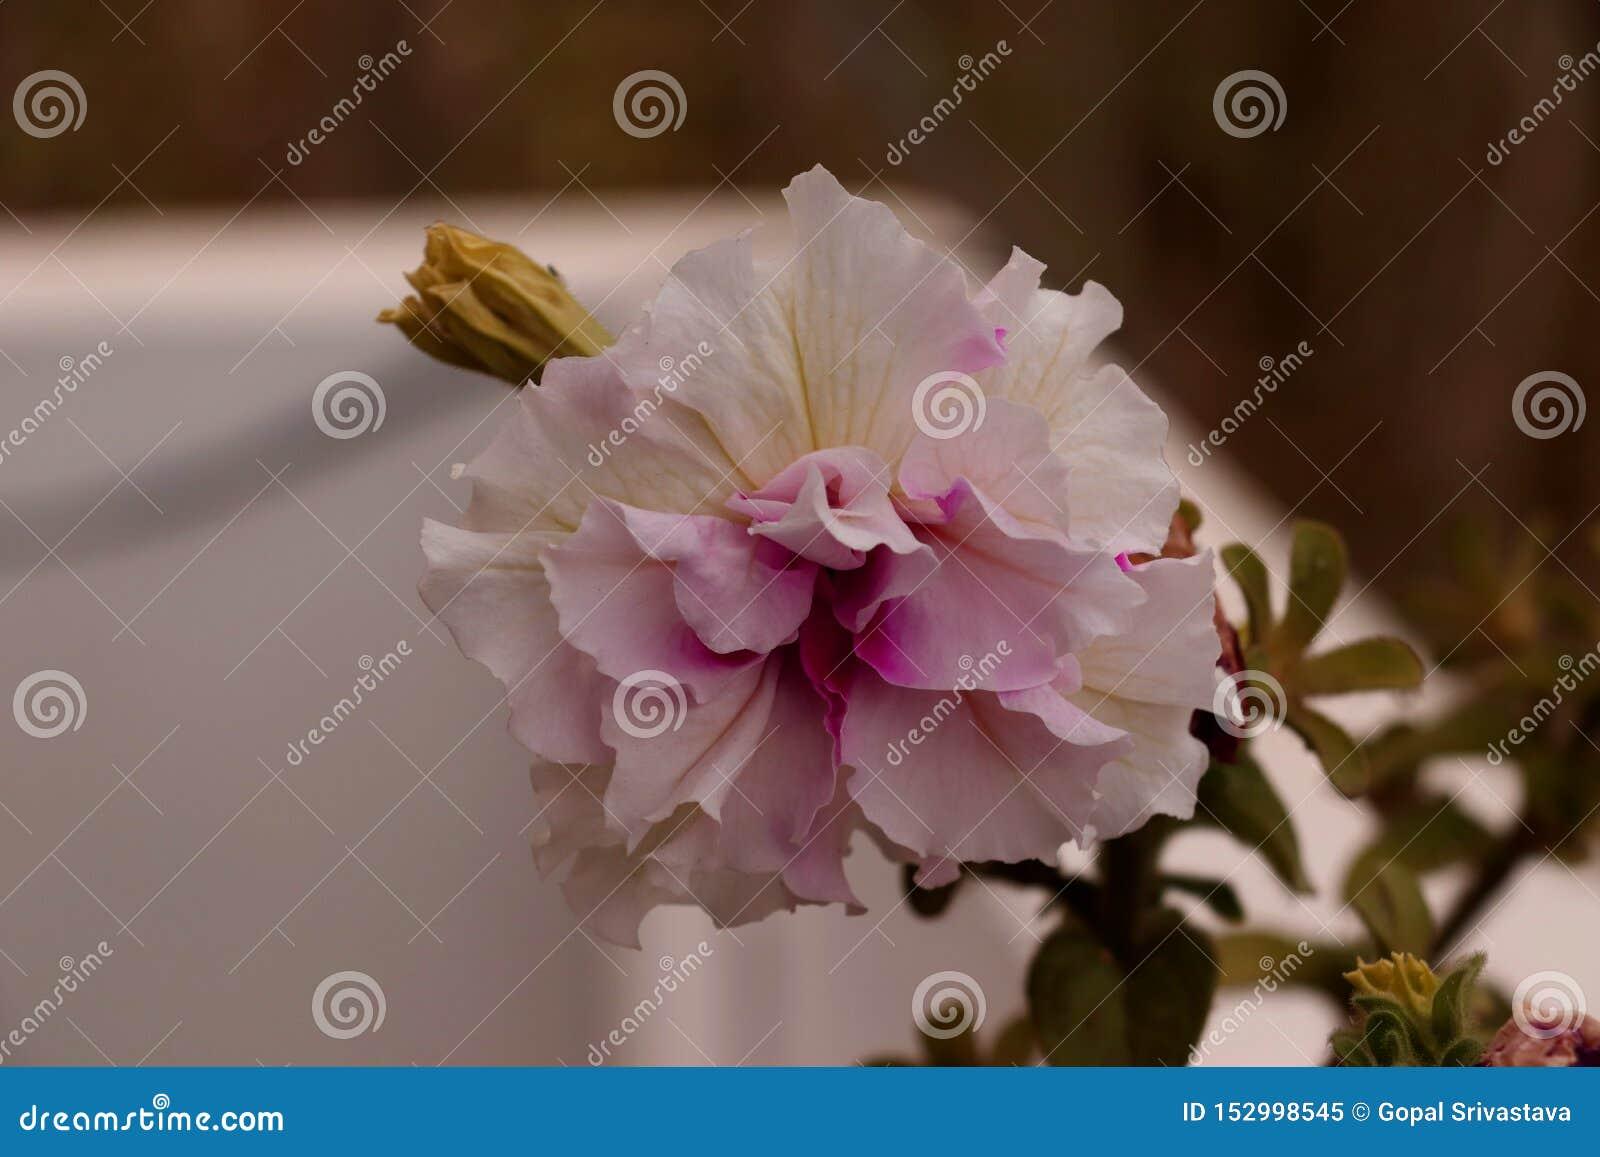 Όμορφο λουλούδι με μια πολύ διαφορετική σκιά